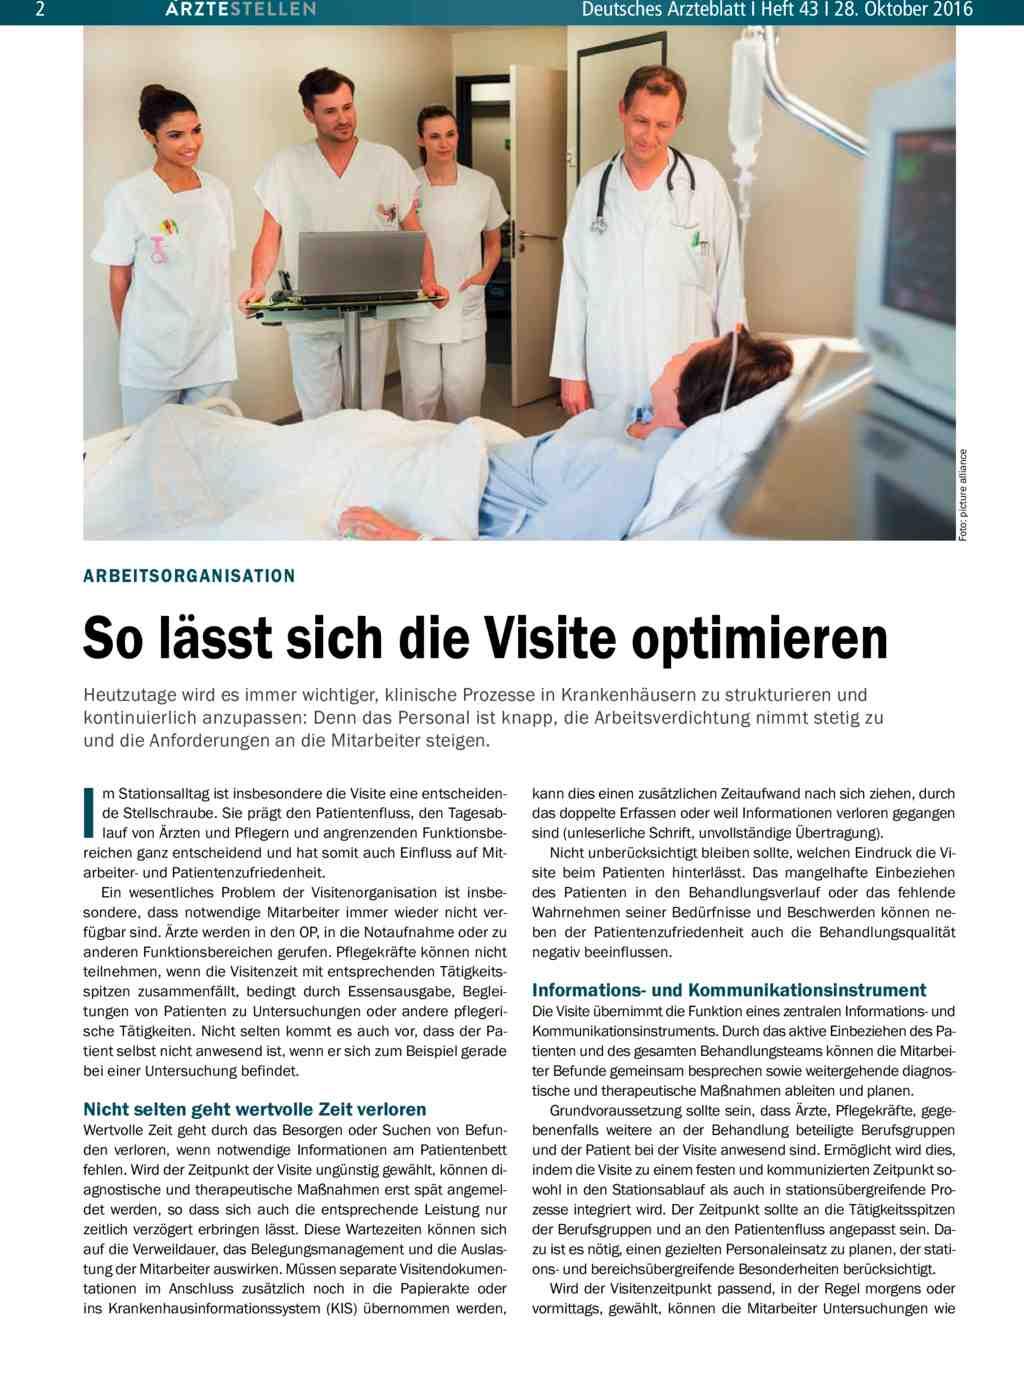 Arbeitsorganisation: So lässt sich die Visite optimieren